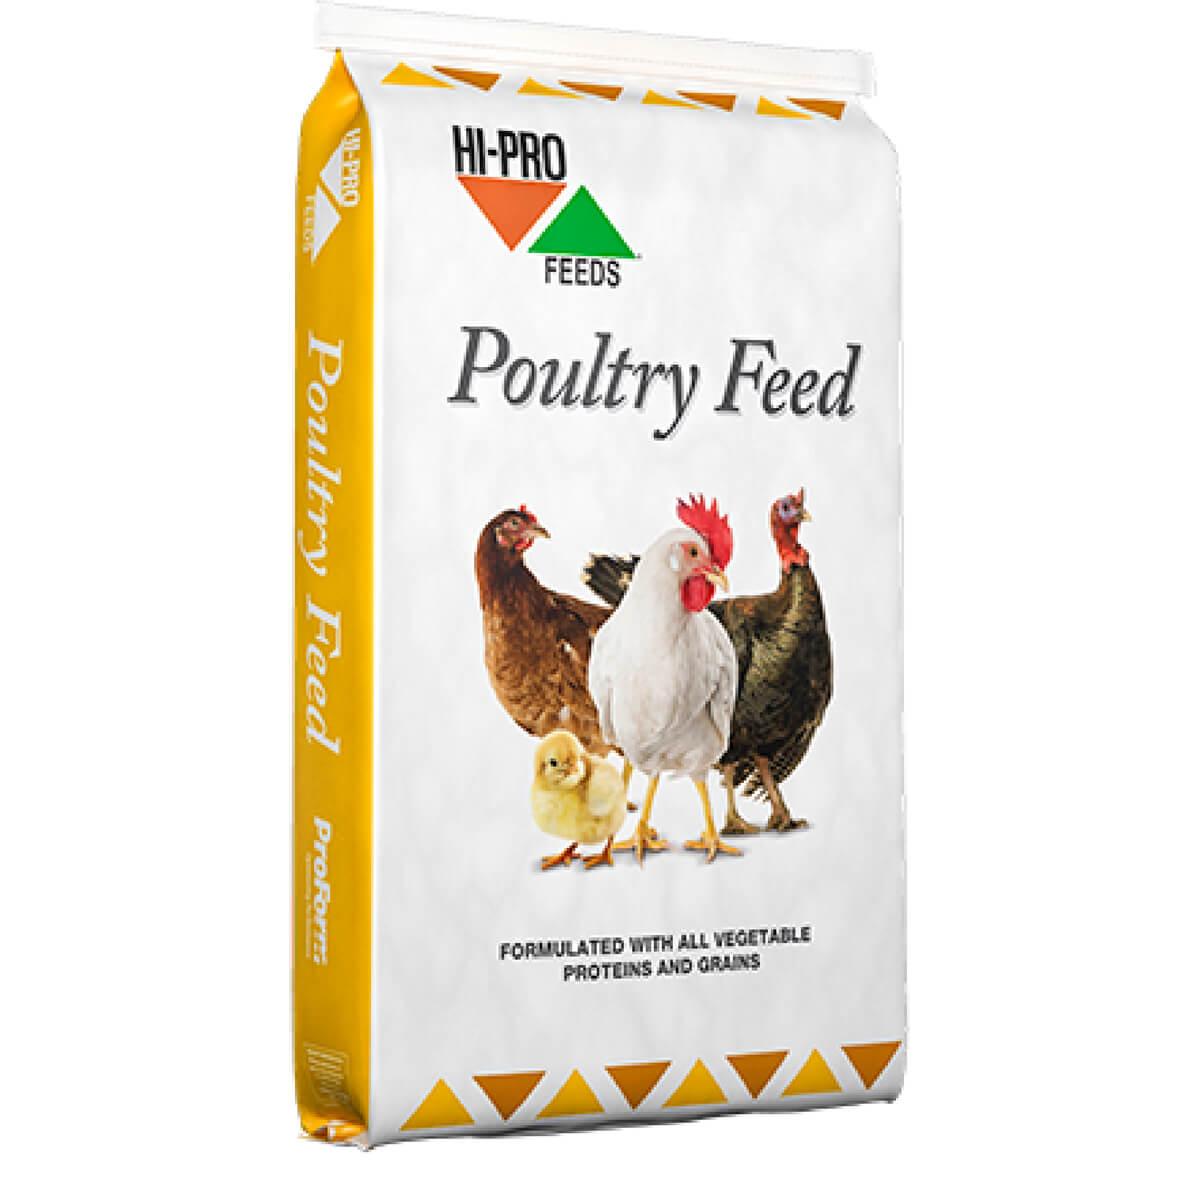 Hi-Pro 26% Turkey Starter (Medicated) 20 kg